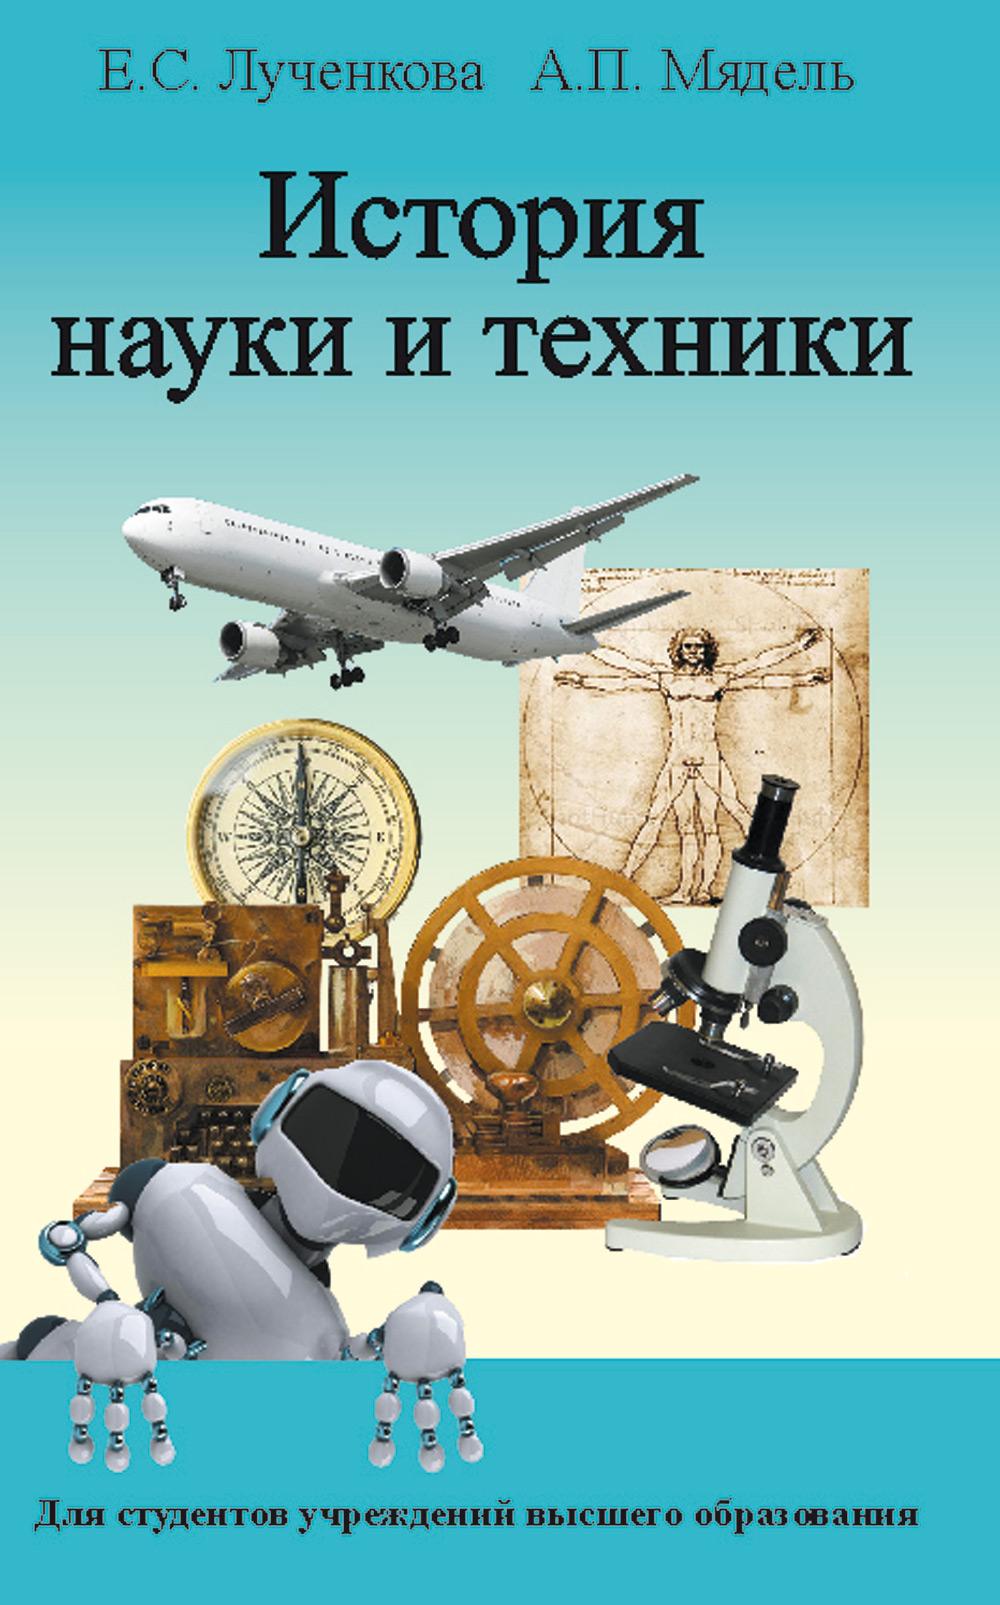 Е. С. Лученкова История науки и техники е с лученкова история науки и техники